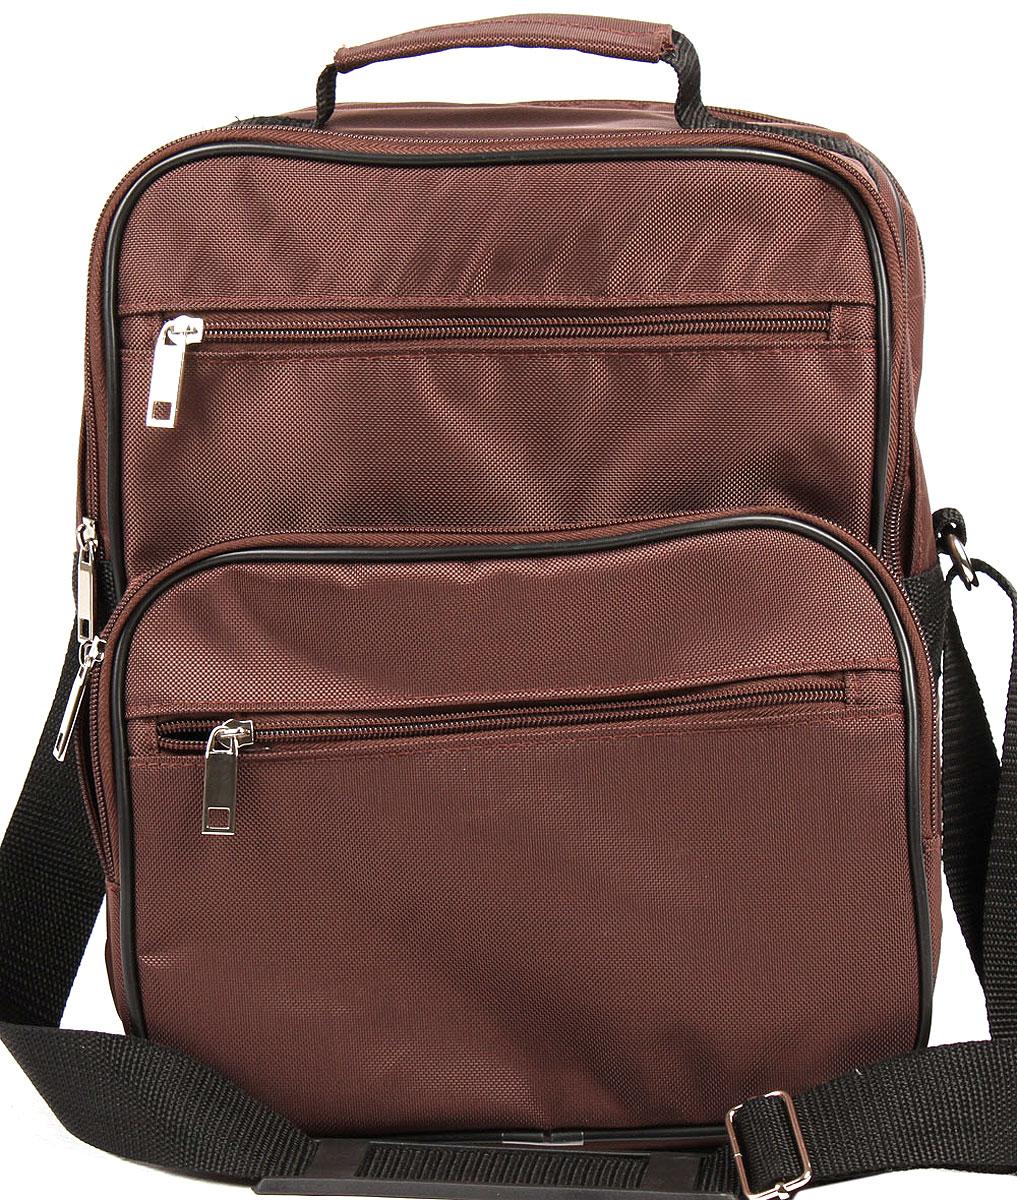 Сумка мужская Медведково, цвет: коричневый. 16с3708-к1416с3708-к14Мужская сумка от Медведково выполнена из текстиля с покрытием из ПВХ. Модель с двумя отделениями, закрывается на застежку-молнию. Внутри у изделия имеются карманы. На лицевой стороне расположен один объемный карман на молнии и два прорезных кармана на молнии. Сумка оснащена удобной ручкой.